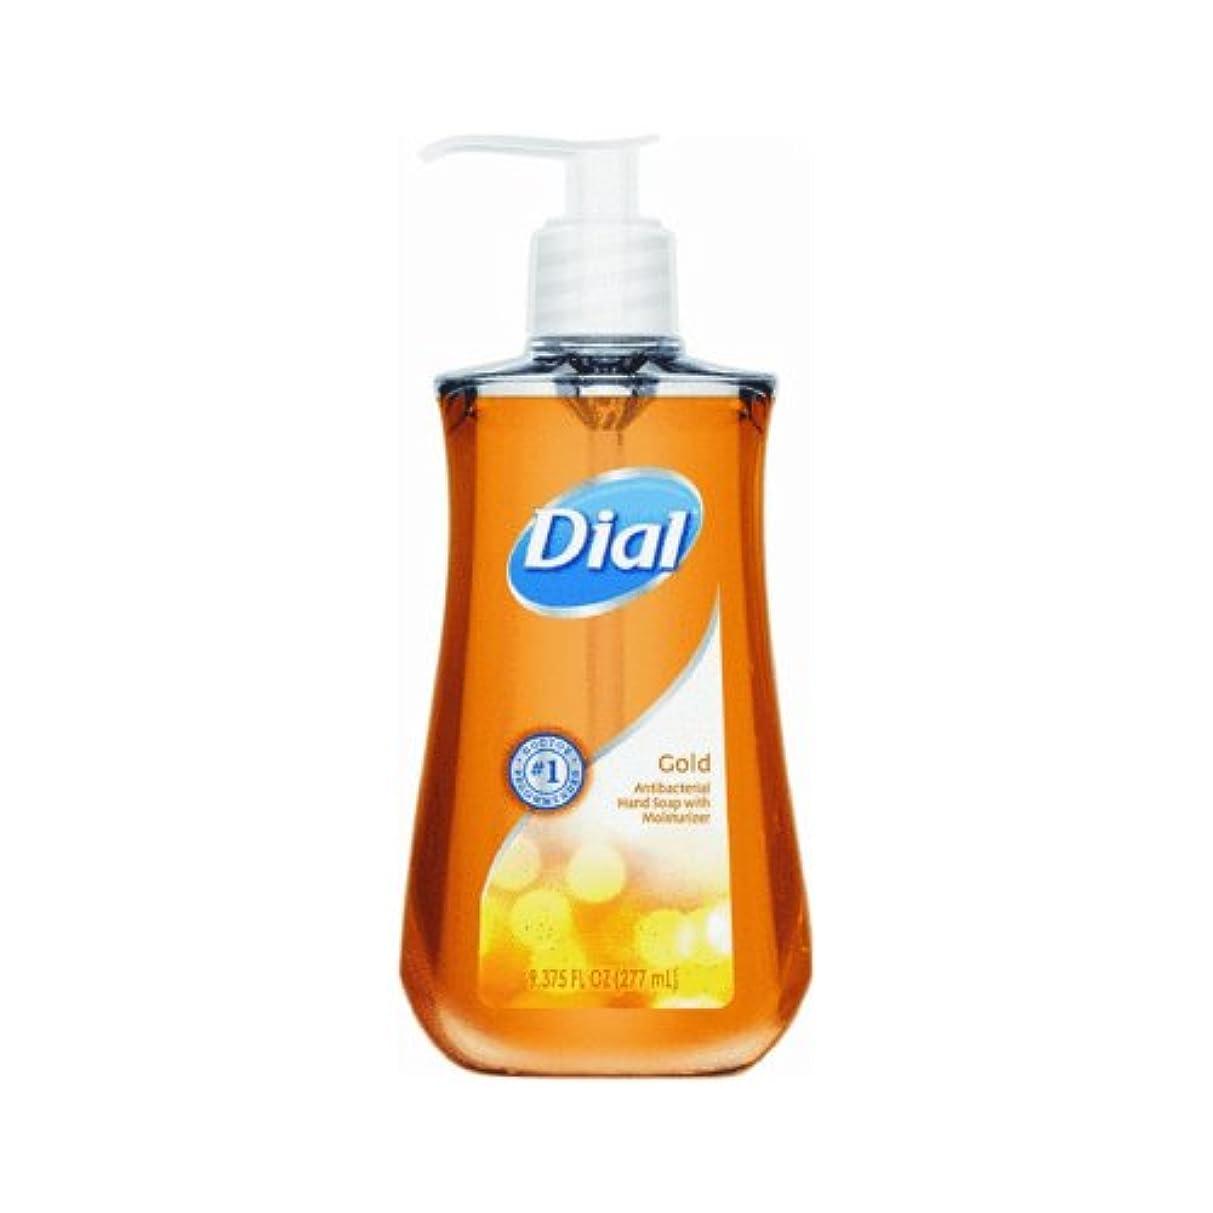 ジャグリング経過慢なDial Antibacterial Hand Soap, Gold with Moisturizer 280 ml (Pack of 12) (並行輸入品)